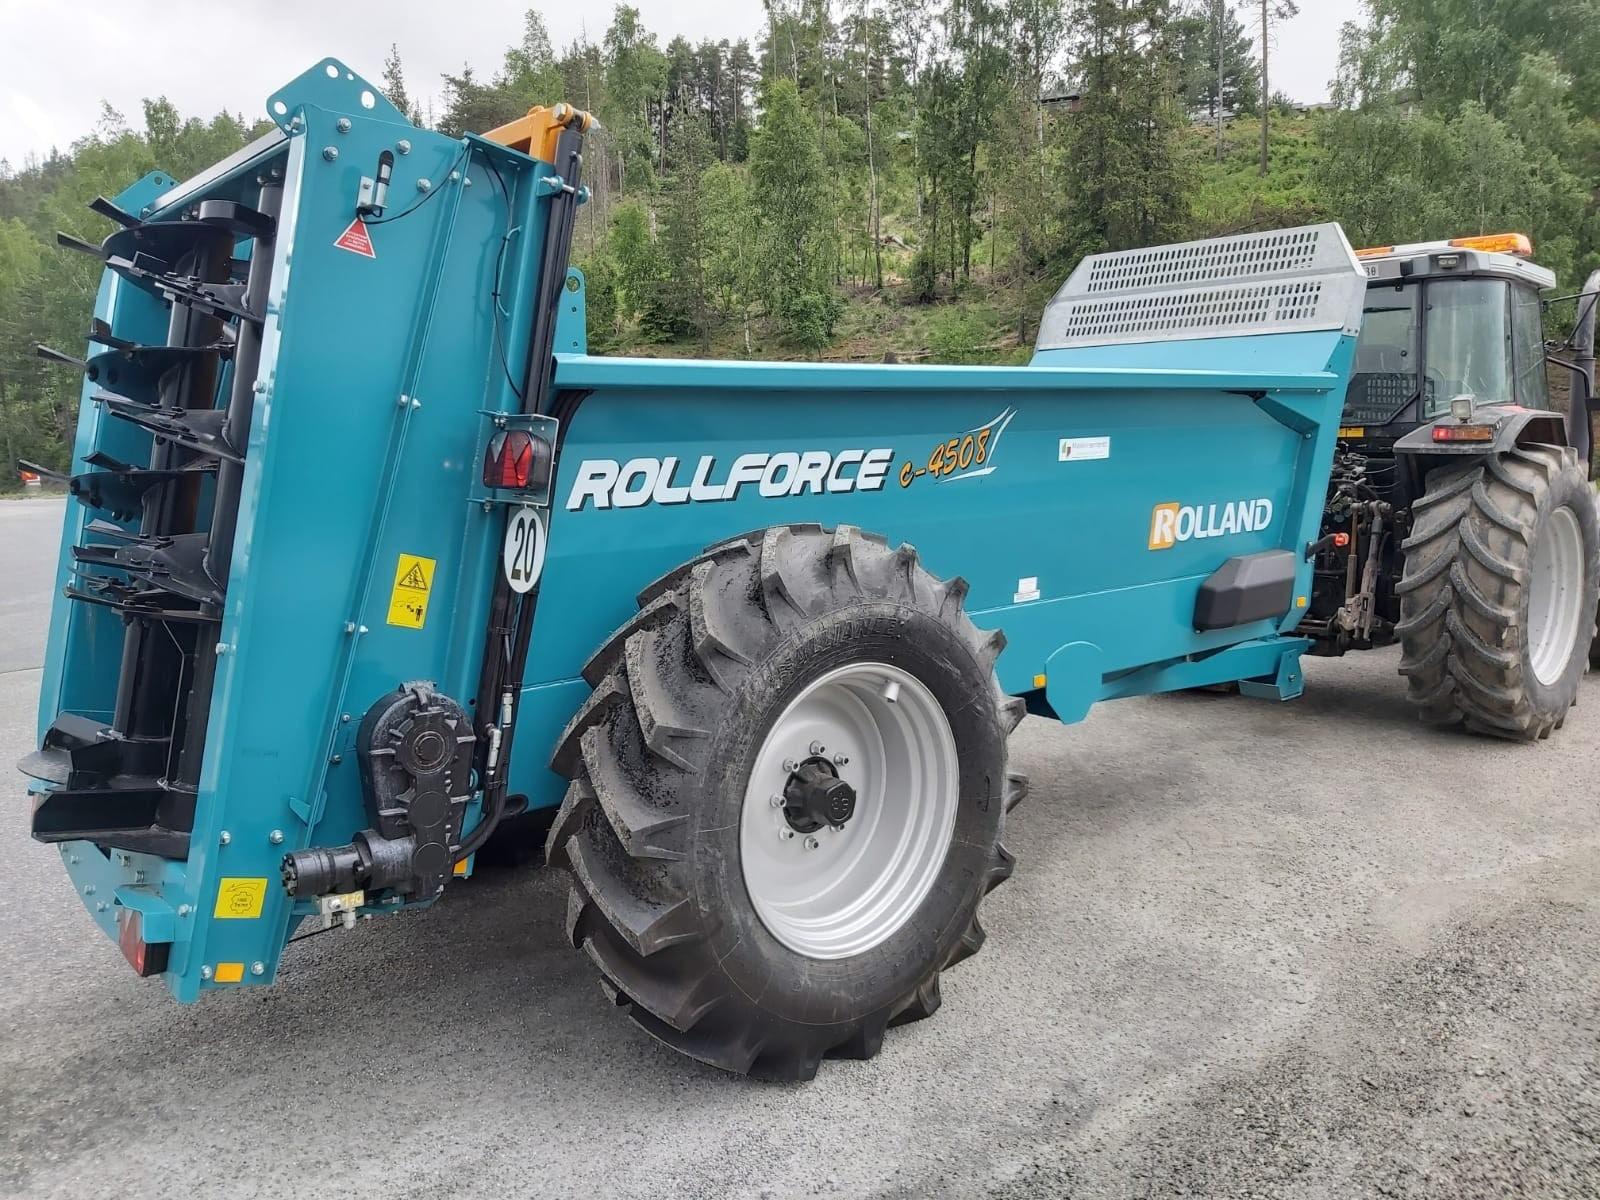 Rollforce compact 4508 tørrgjødselvogn